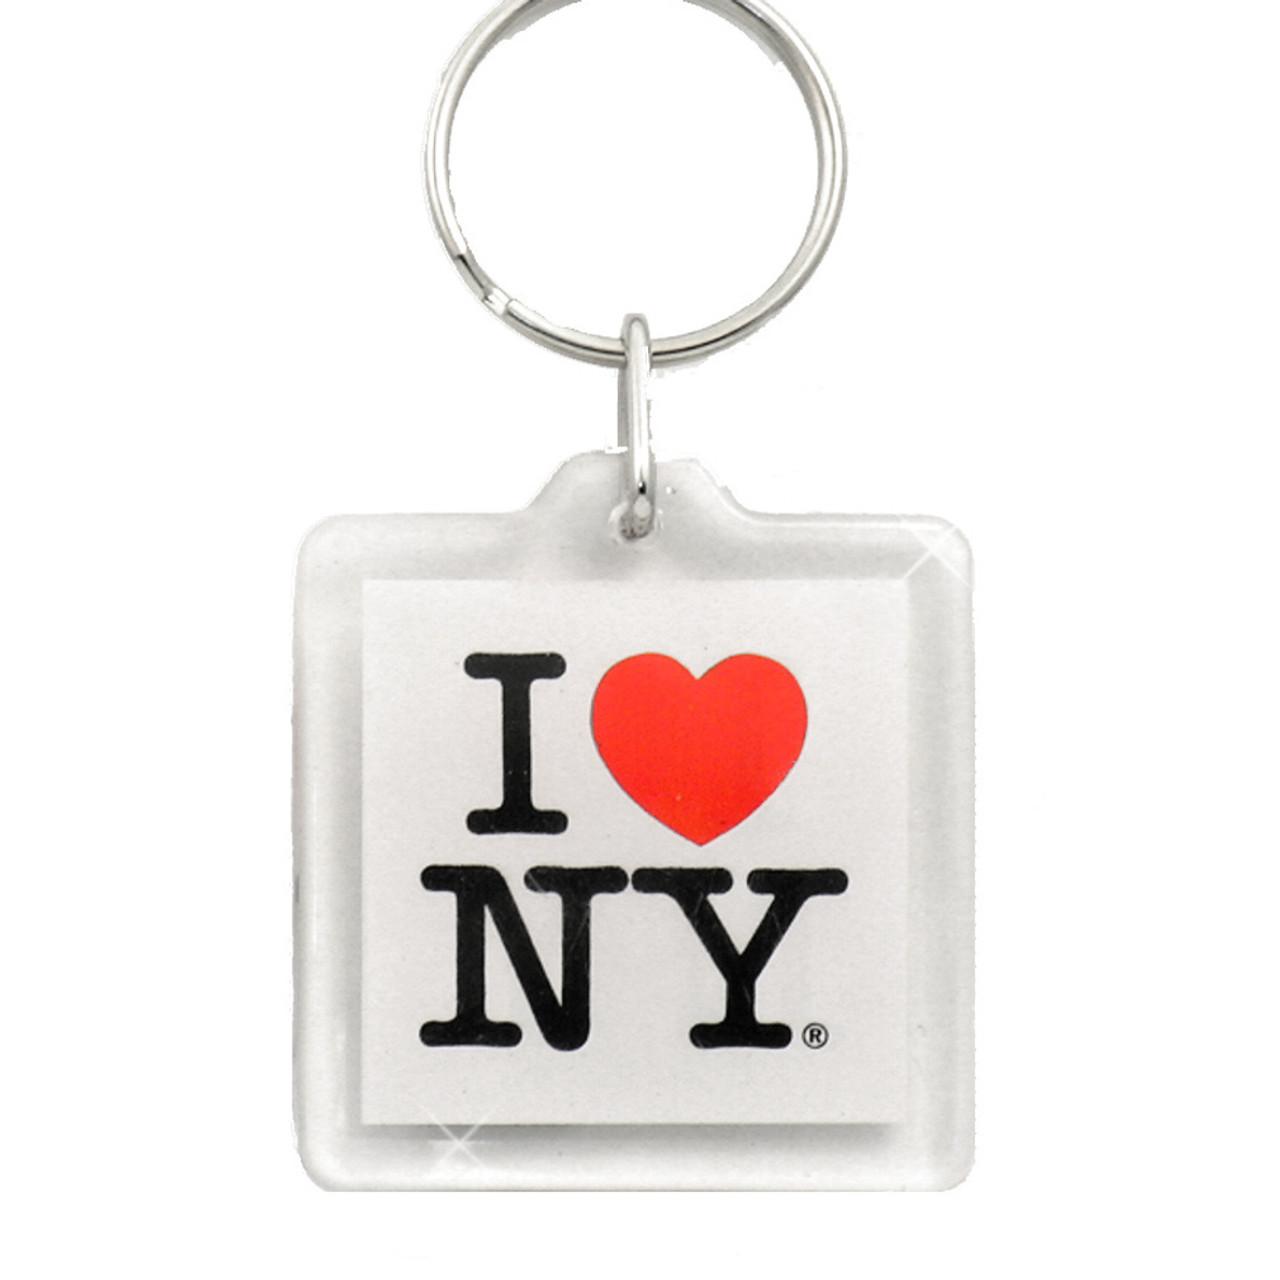 I Love NY Plastic Key Chain 45bdab0285